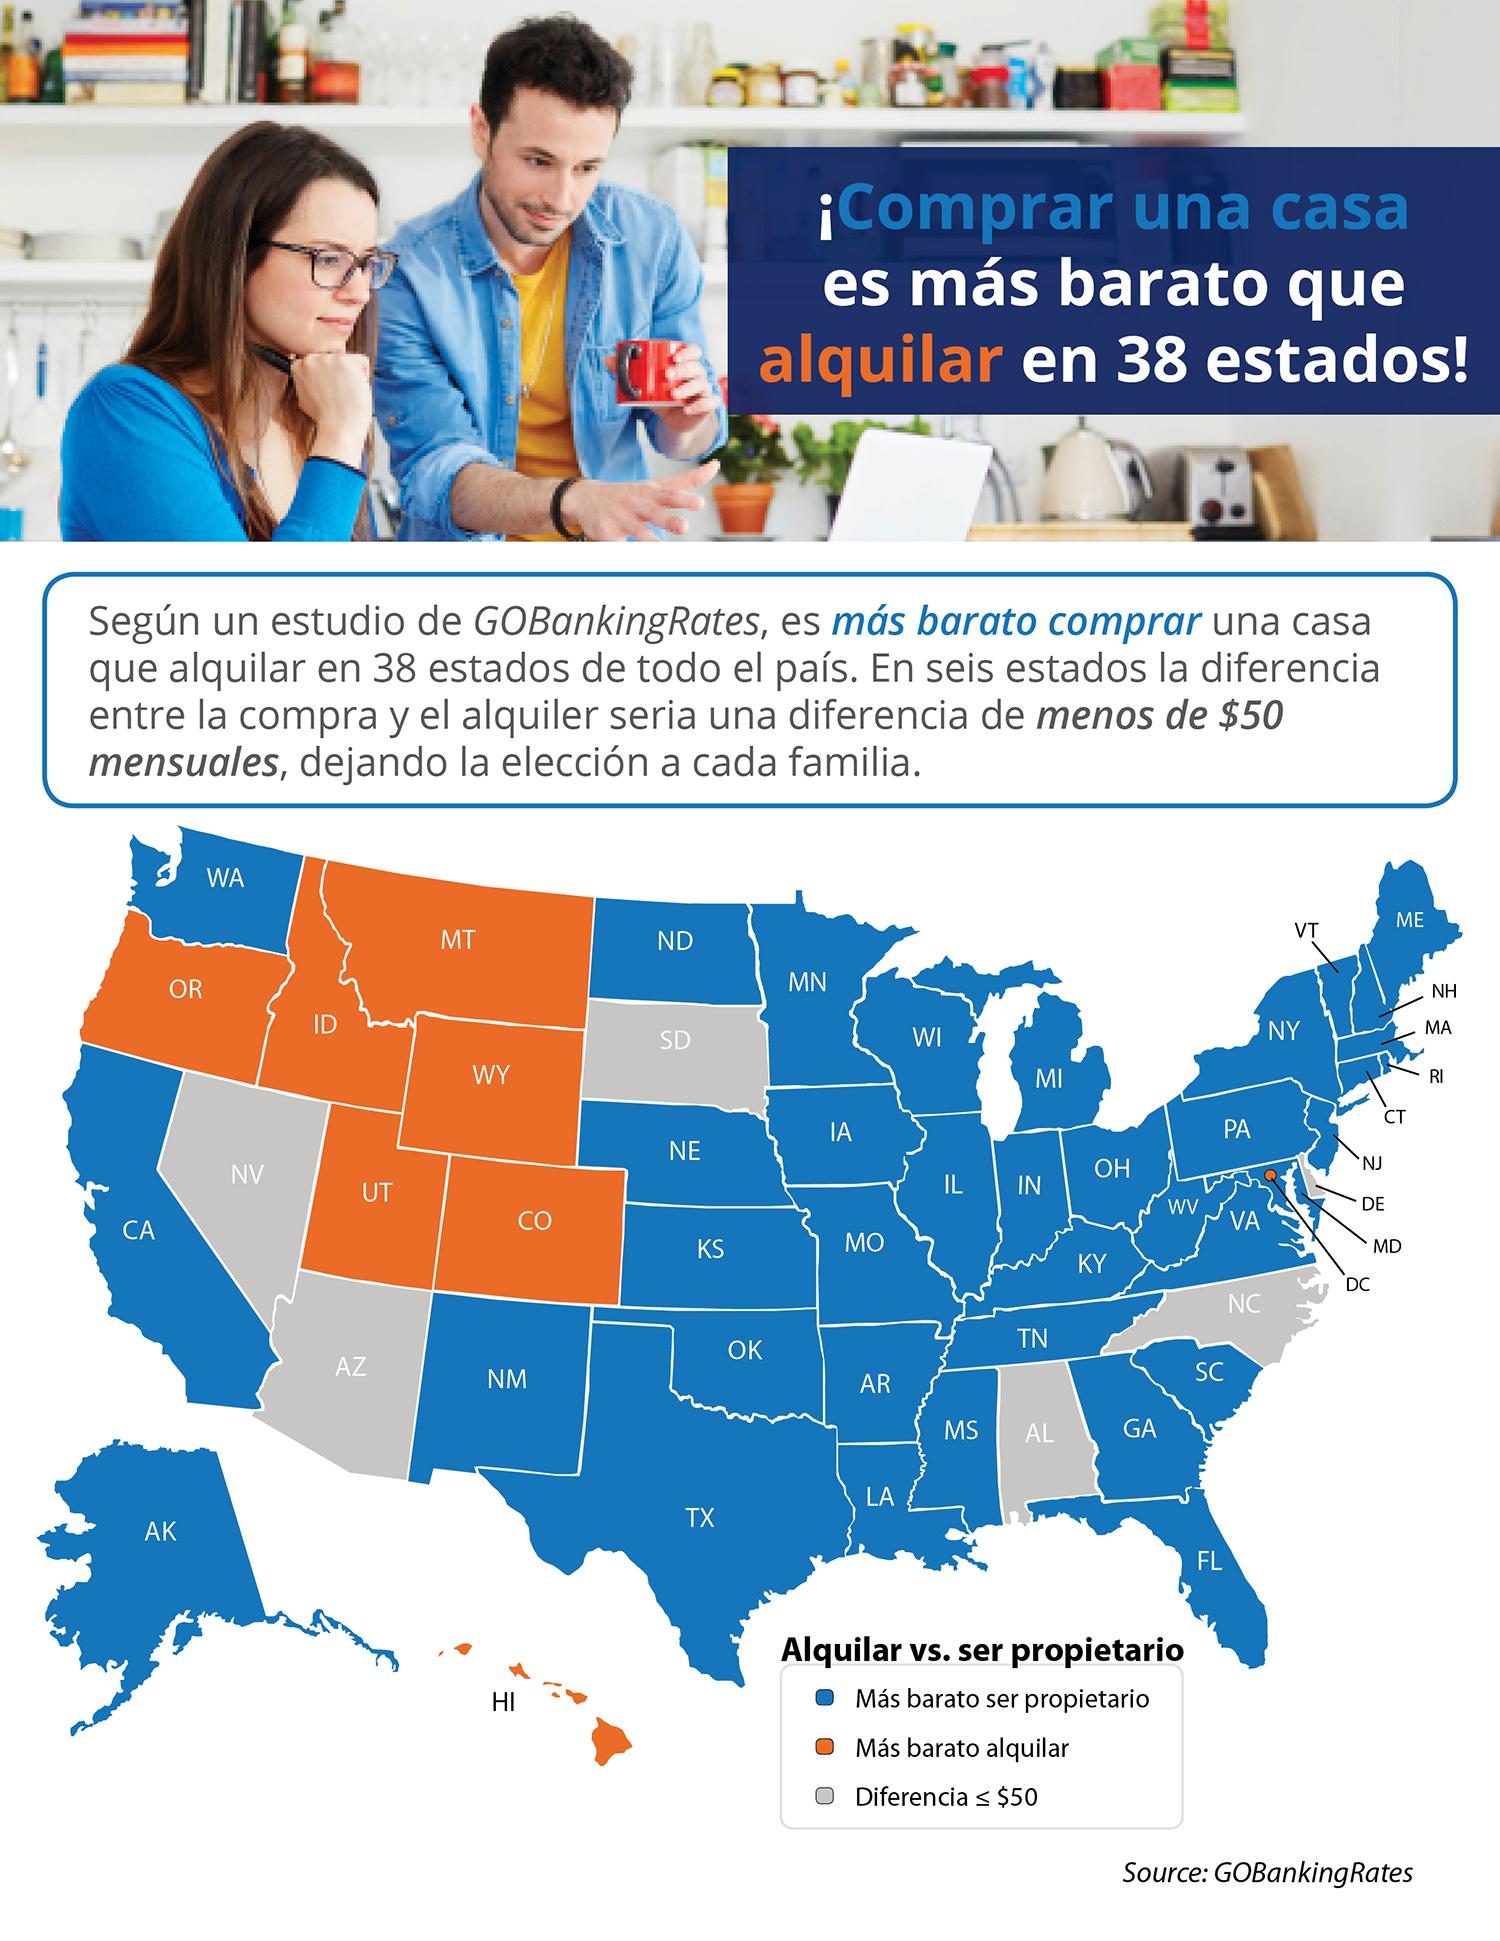 ¡Comprar una casa es más barato que alquilar en 38 estados! | Simplifying The Market